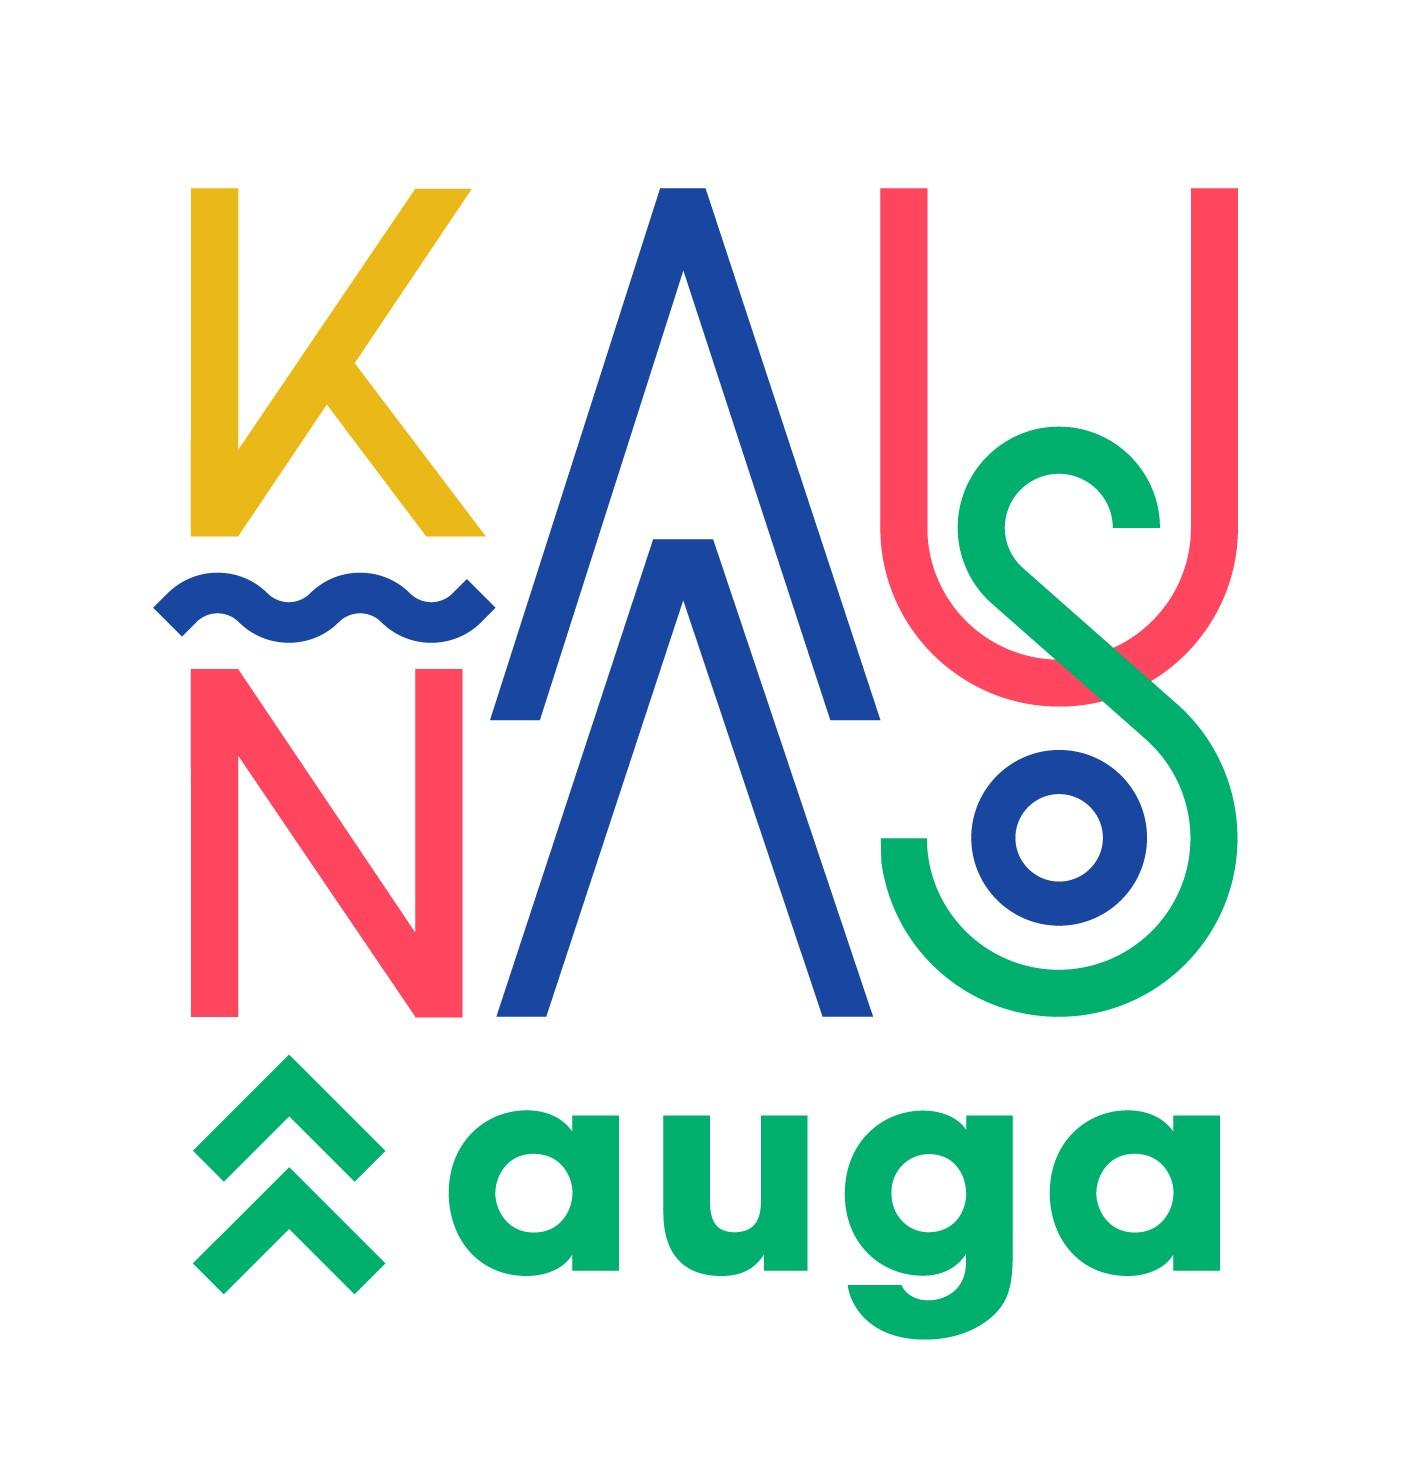 Kauno miesto logotipas - nuoroda